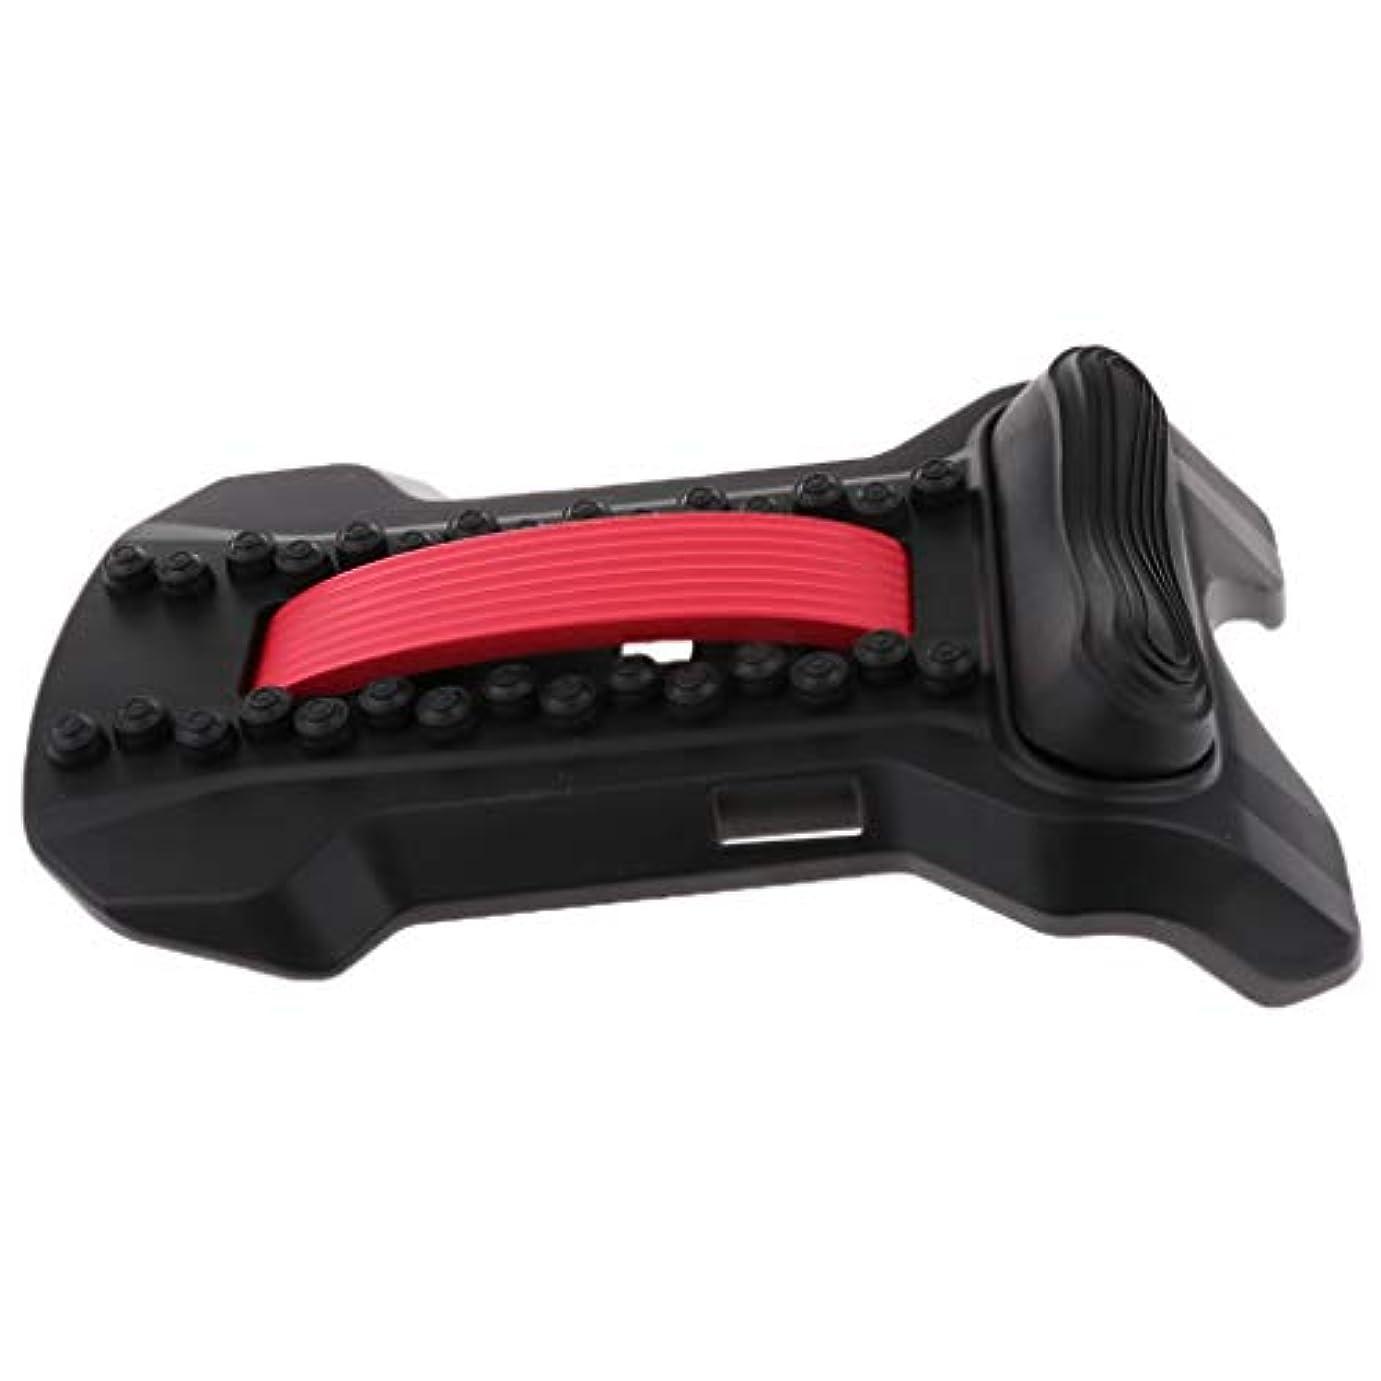 物理的にご意見再発するD DOLITY 腰椎サポート バック ストレッチャー 頸椎 ストレッチ マッサージャー ツボ押し 姿勢矯正 全5色 - 黒赤, 22×37×8cm